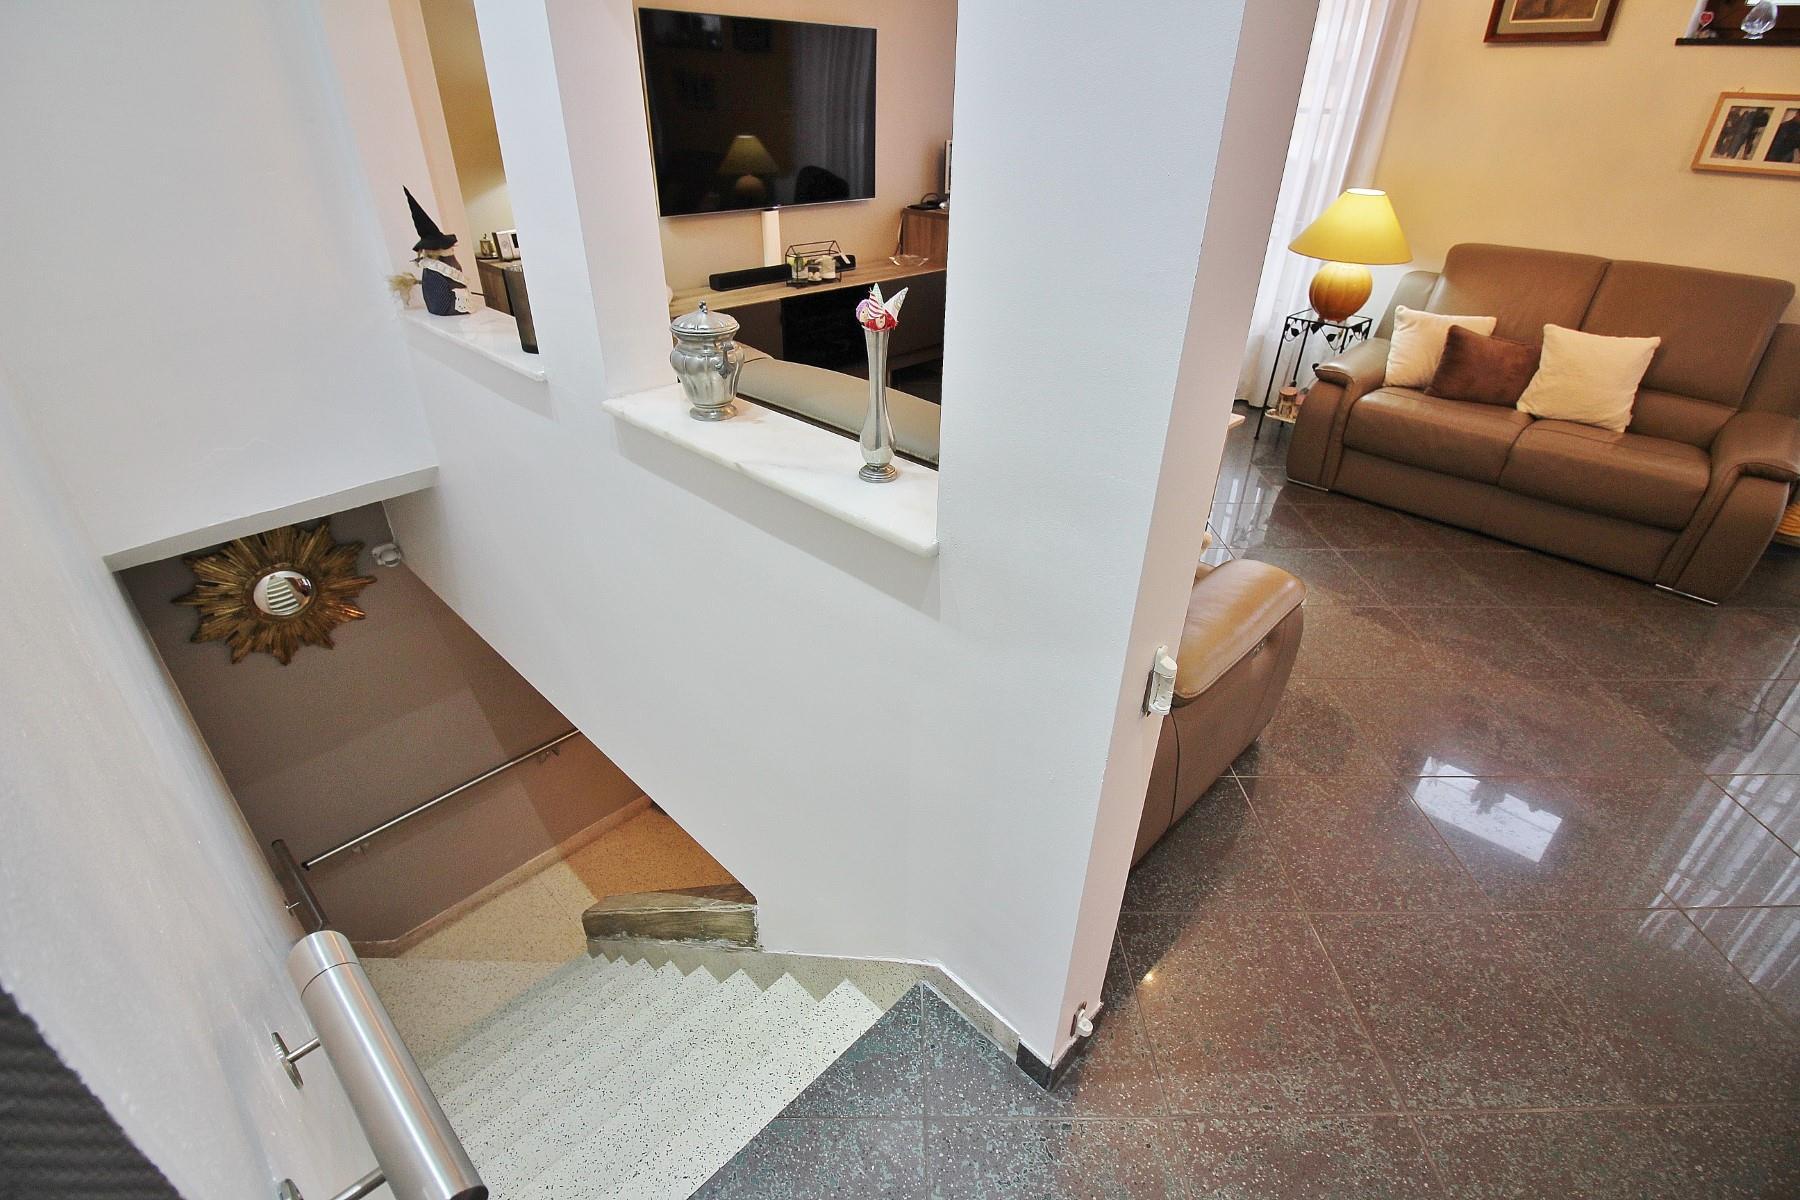 Bel-étage - Seraing - #3637999-3